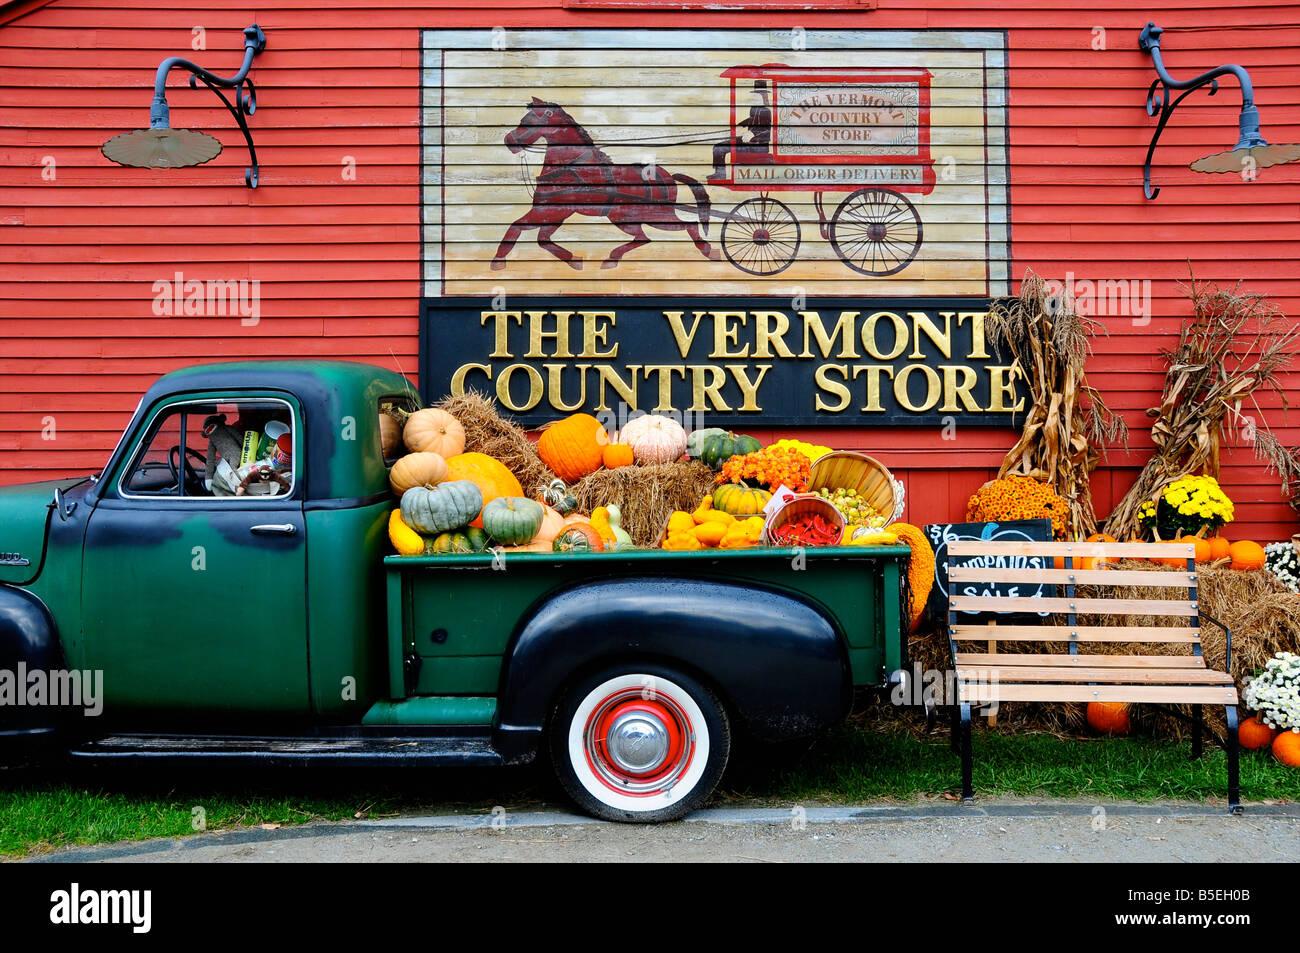 Le Vermont Country Store, Weston, Vermont, Etats-Unis Banque D'Images